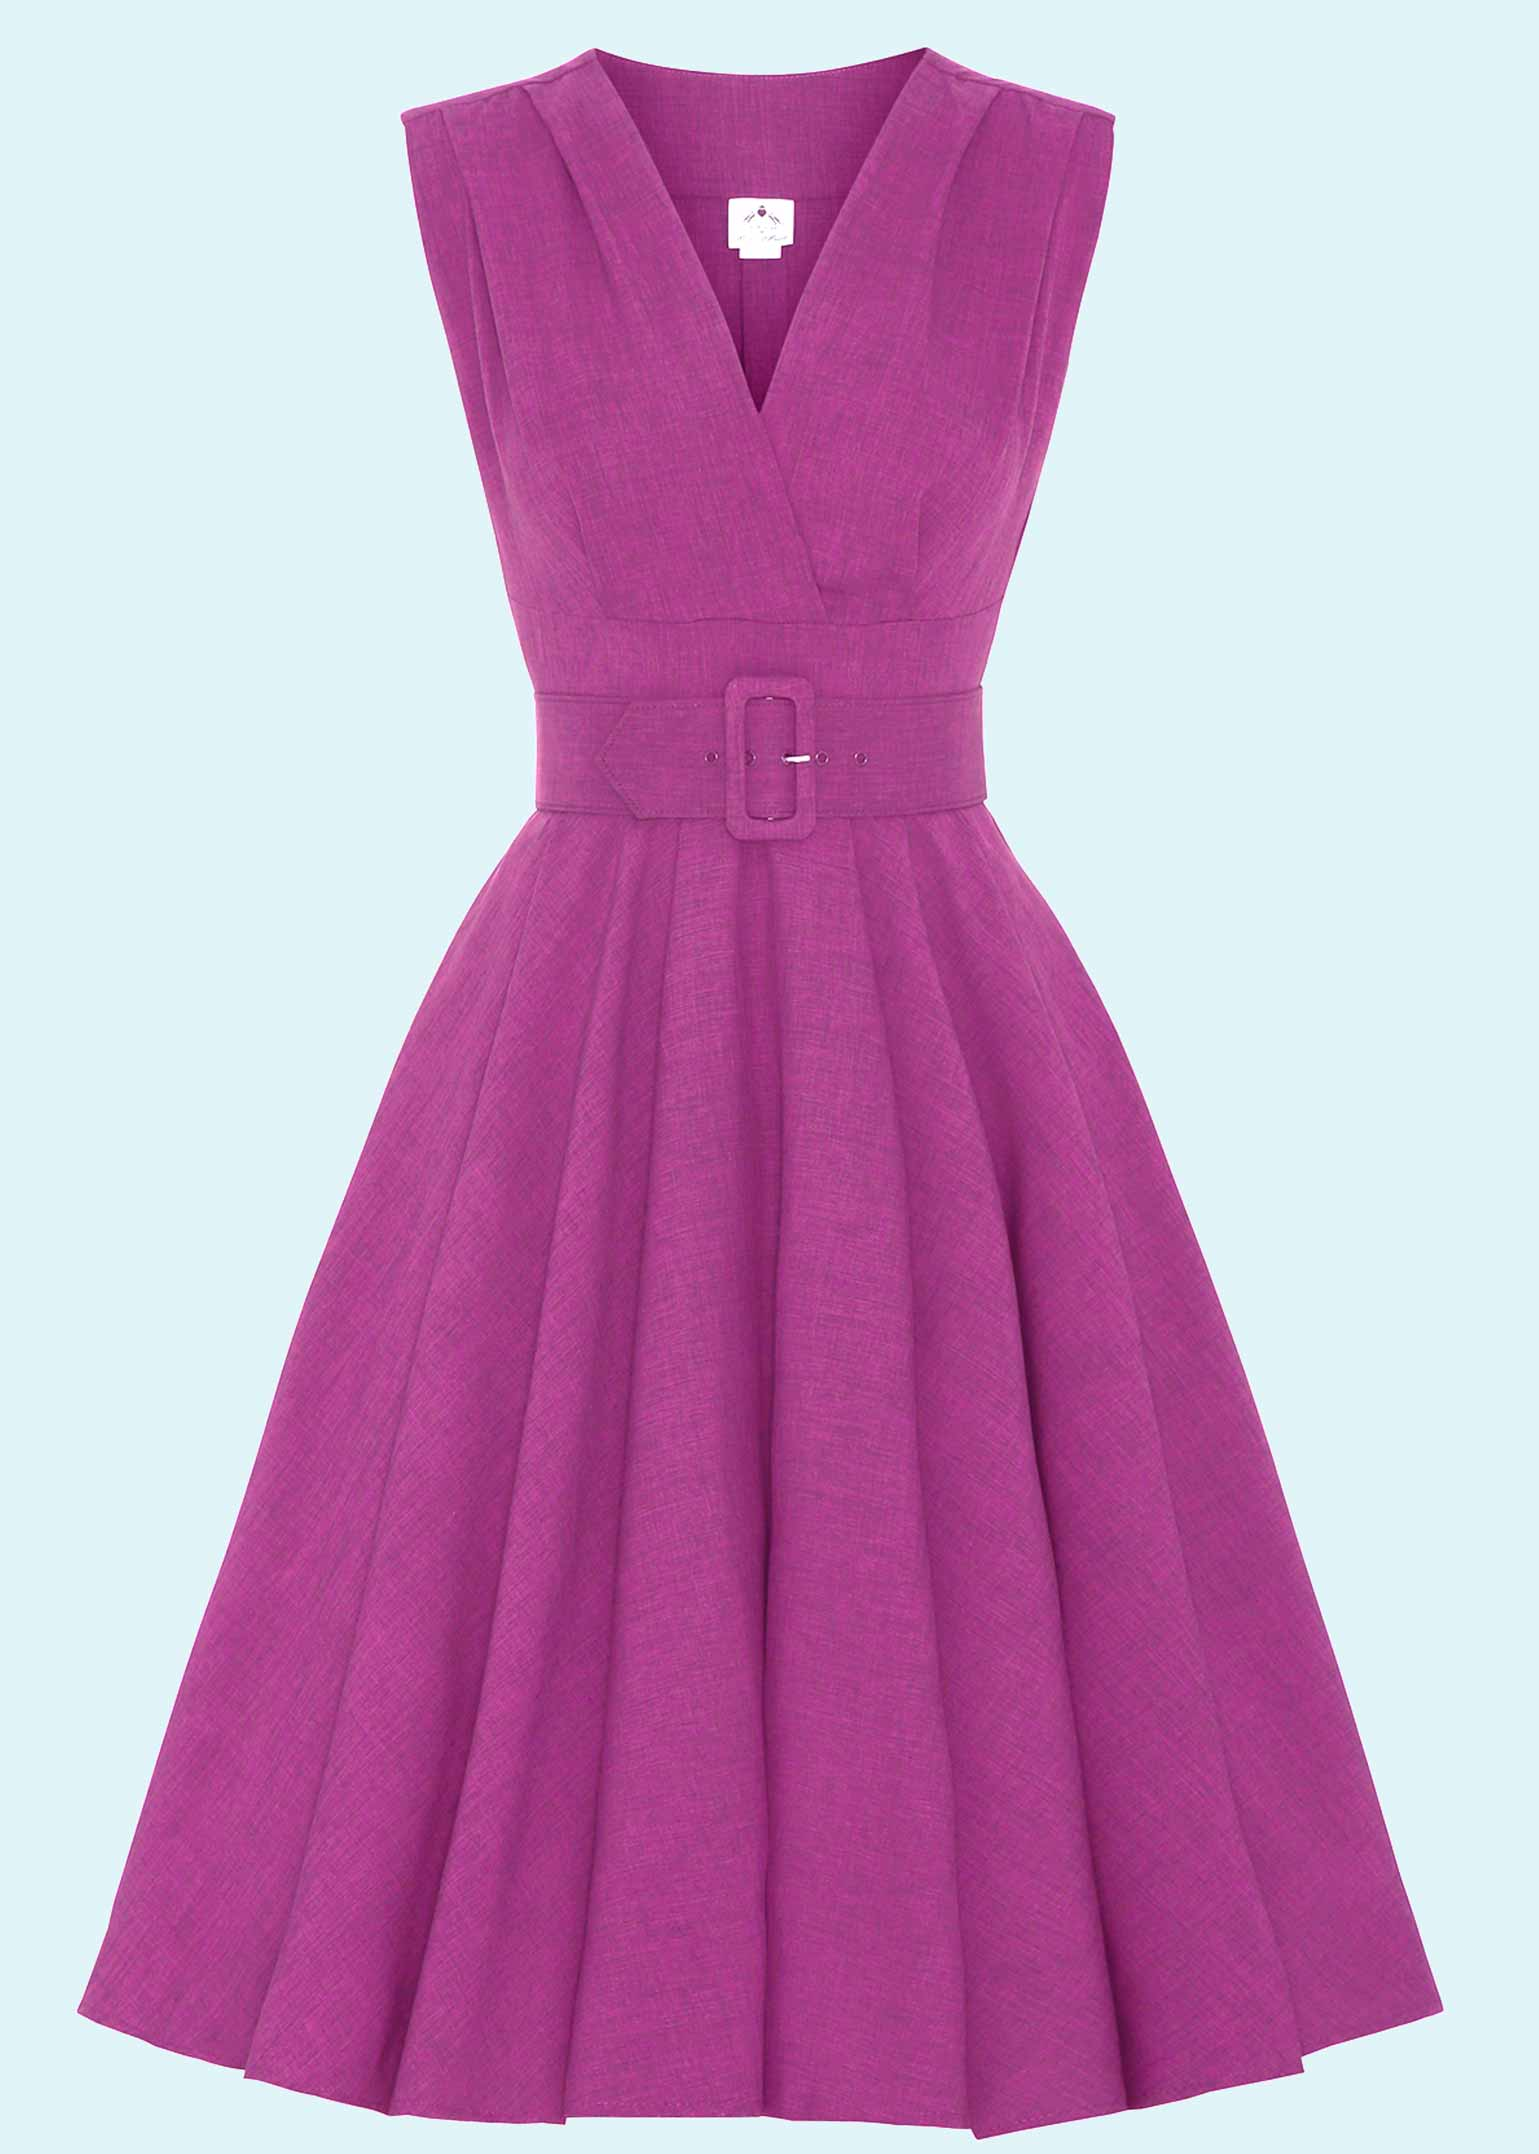 Milan brudepige kjole i pink